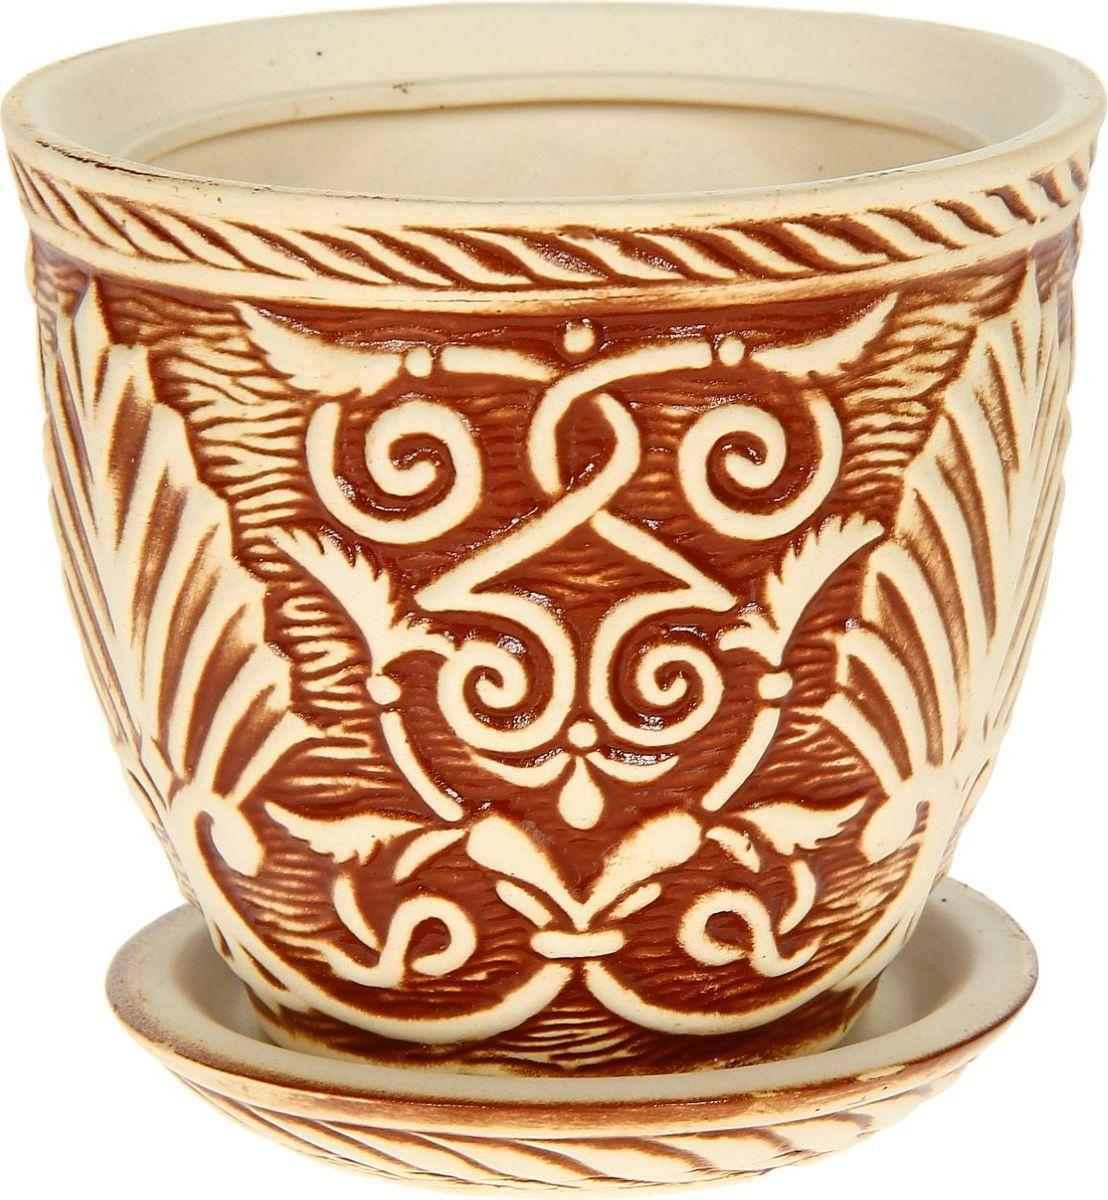 Кашпо Керамика ручной работы Славянское. Глазурь, цвет: коричневый, 1,2 л1114318Комнатные растения — всеобщие любимцы. Они радуют глаз, насыщают помещение кислородом и украшают пространство. Каждому из них необходим свой удобный и красивый дом. Кашпо из керамики прекрасно подходят для высадки растений: за счёт пластичности глины и разных способов обработки существует великое множество форм и дизайновпористый материал позволяет испаряться лишней влагевоздух, необходимый для дыхания корней, проникает сквозь керамические стенки! #name# позаботится о зелёном питомце, освежит интерьер и подчеркнёт его стиль.